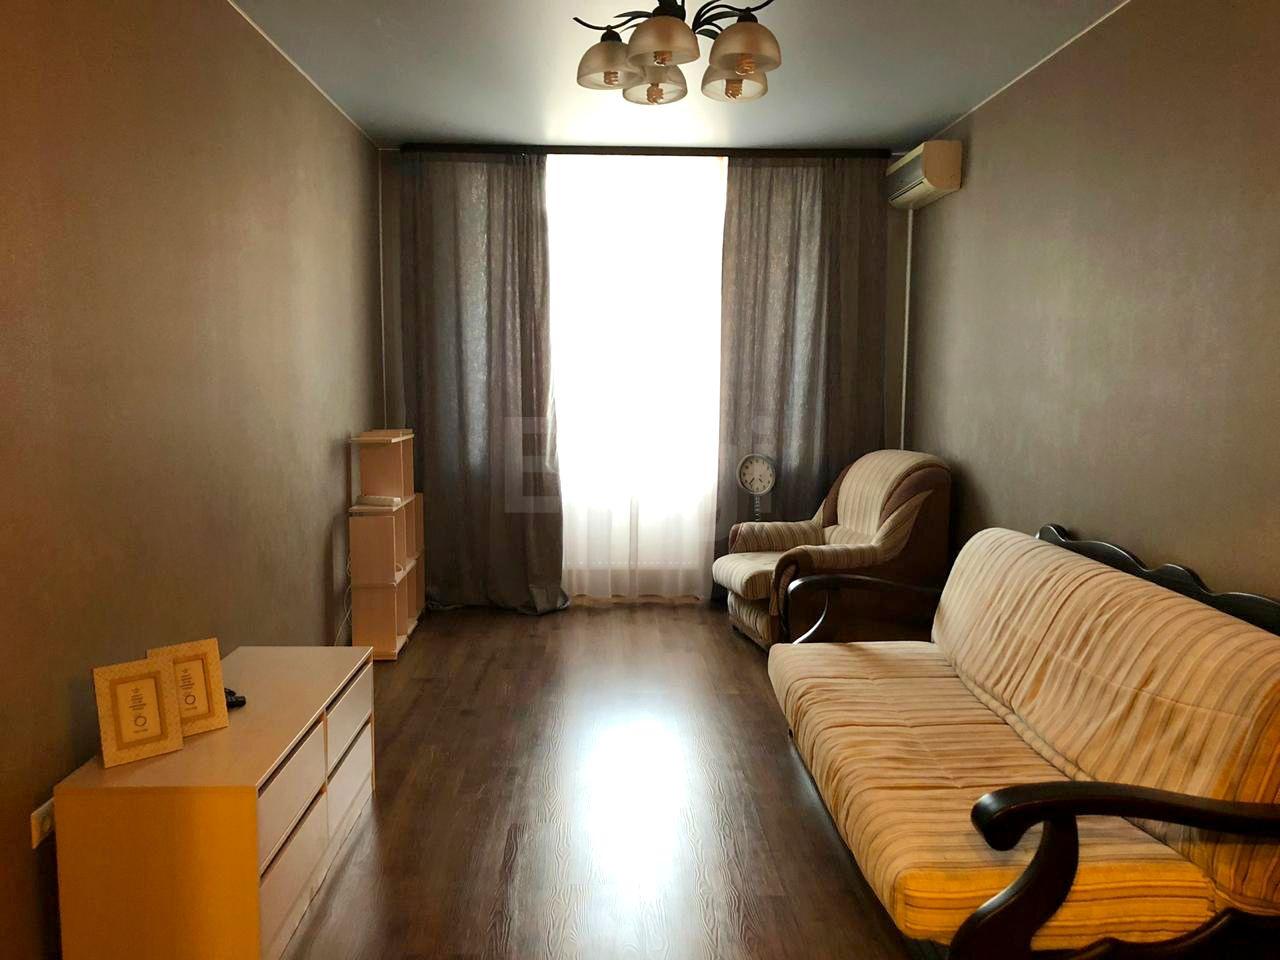 Продается однокомнатная квартира за 3 400 000 рублей. КМР, ул. Максима Горького (9.4 км до центра).